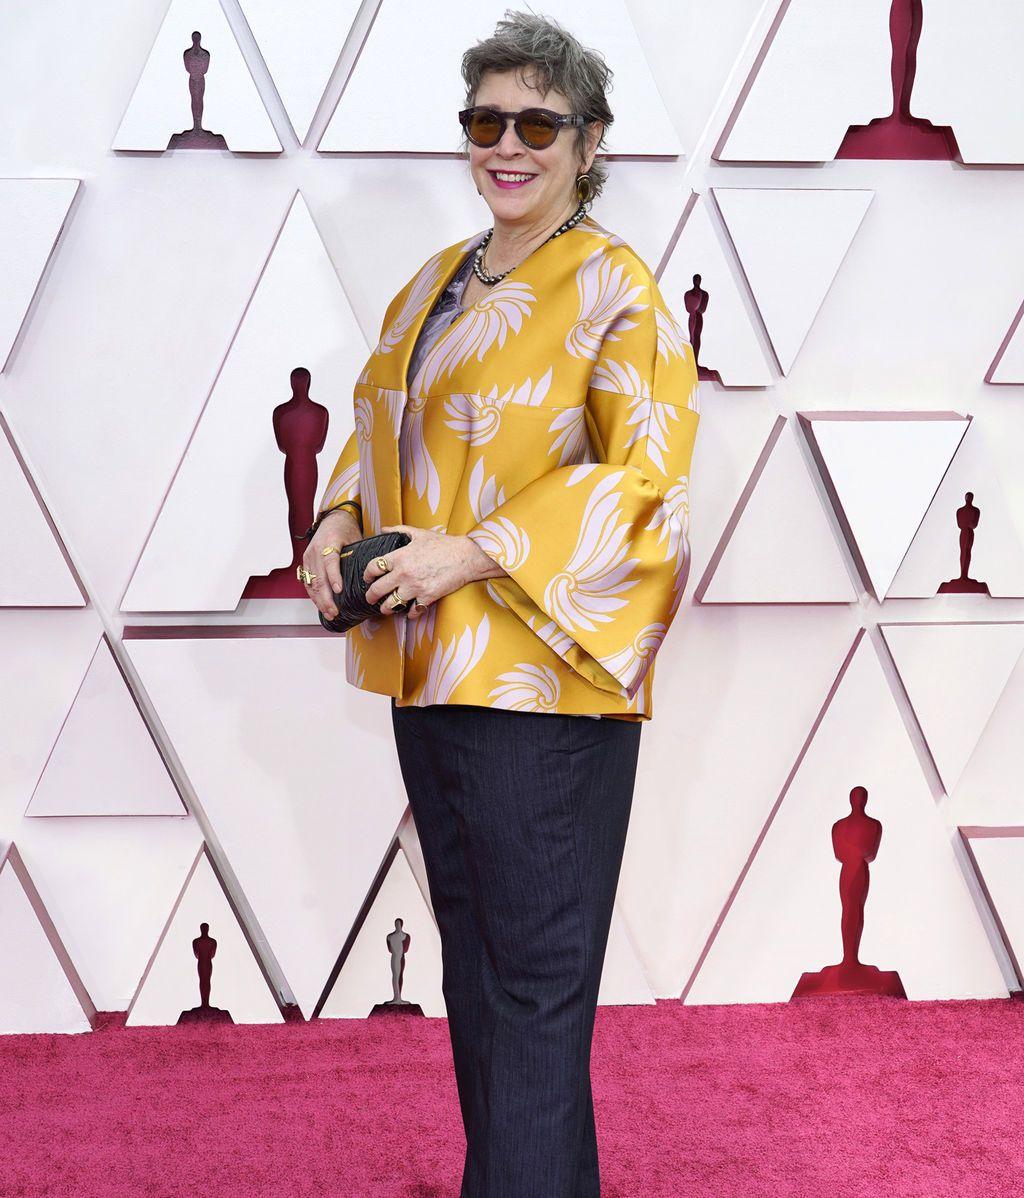 Elizabeth Keenan desfila en la alfombra roja de Union Station, la estación de autobuses de Los Ángeles, una de las sedes donde tiene lugar la gala de los Premios Oscars 2021